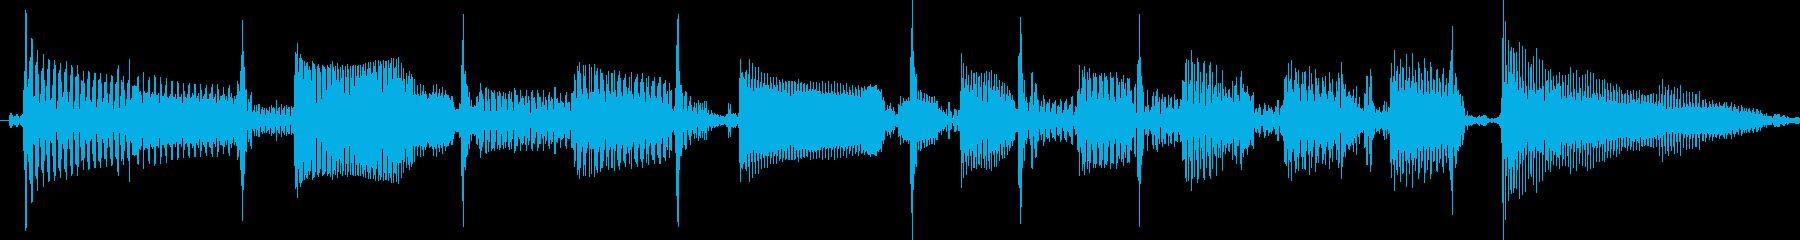 短いスラップベースソロ素材の再生済みの波形